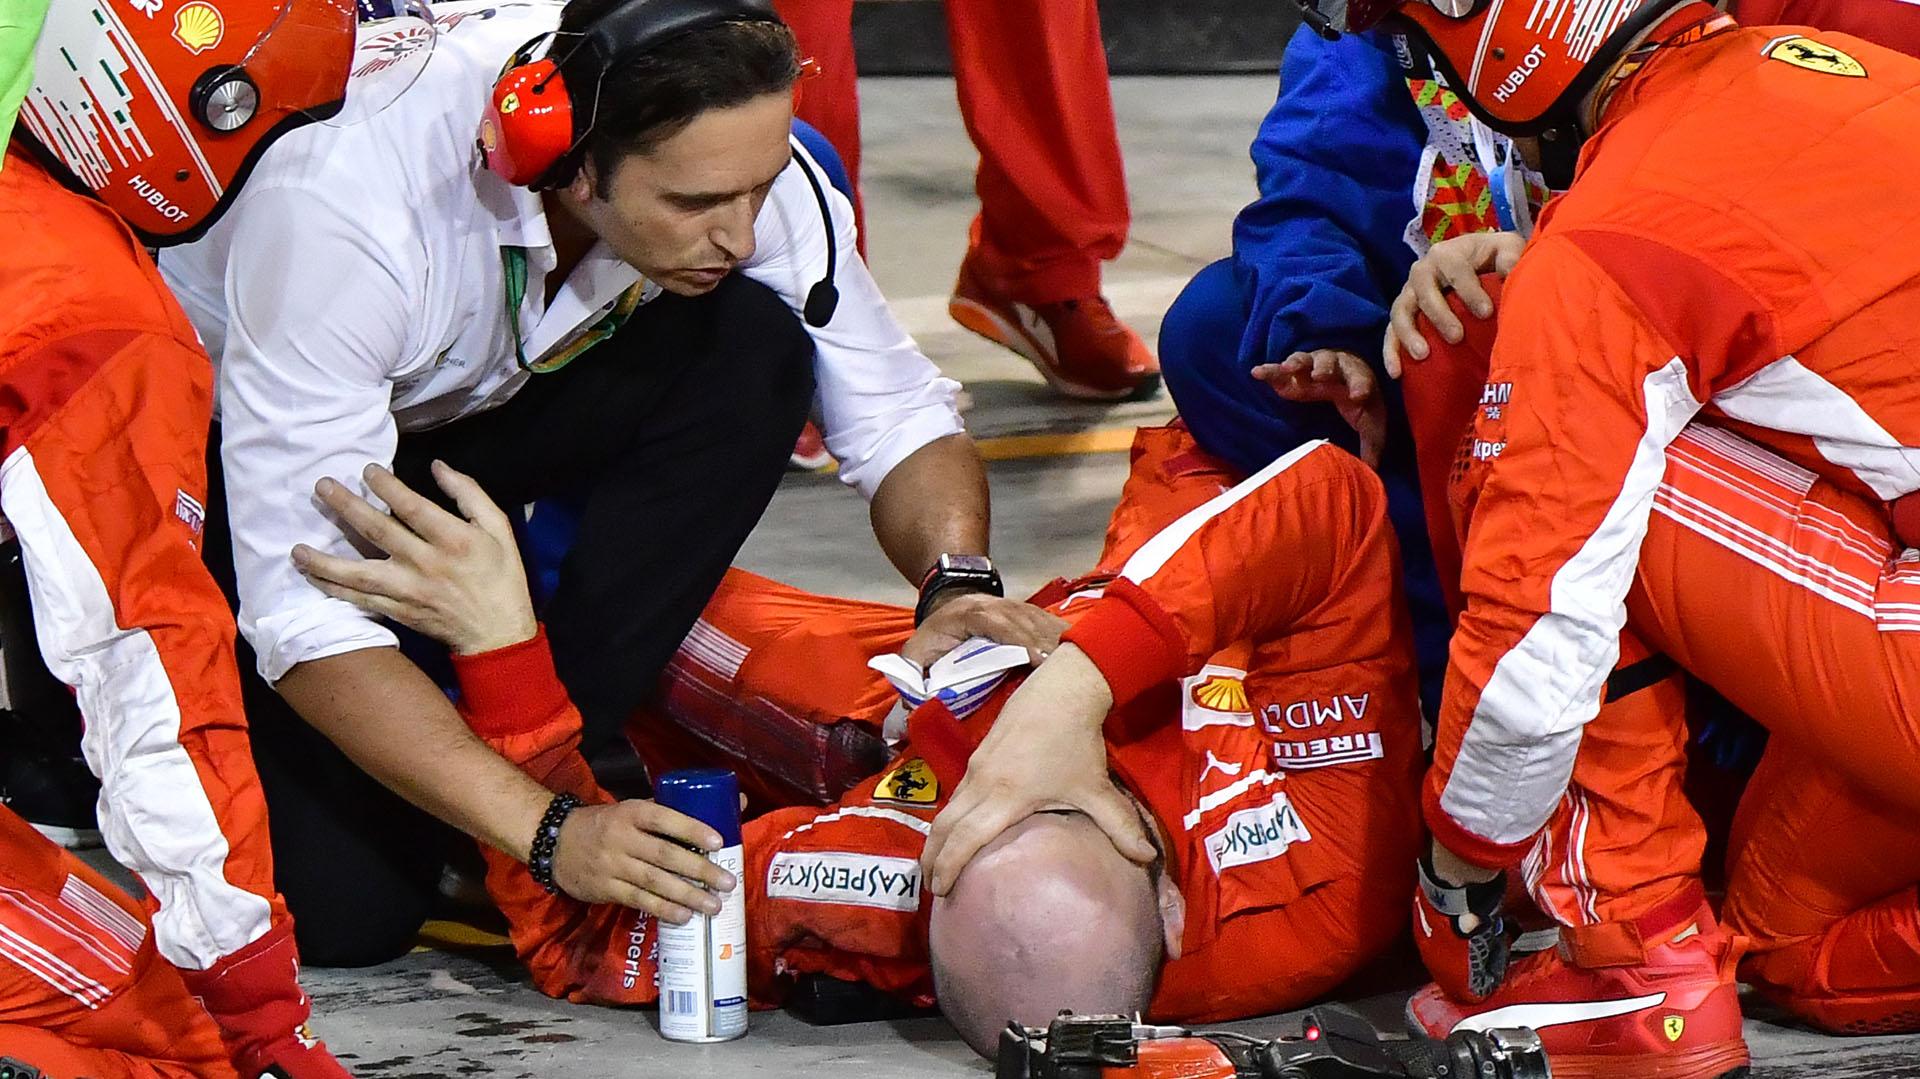 Kimi Raikkonnen atropelló a un mecánico en el box de Ferrari